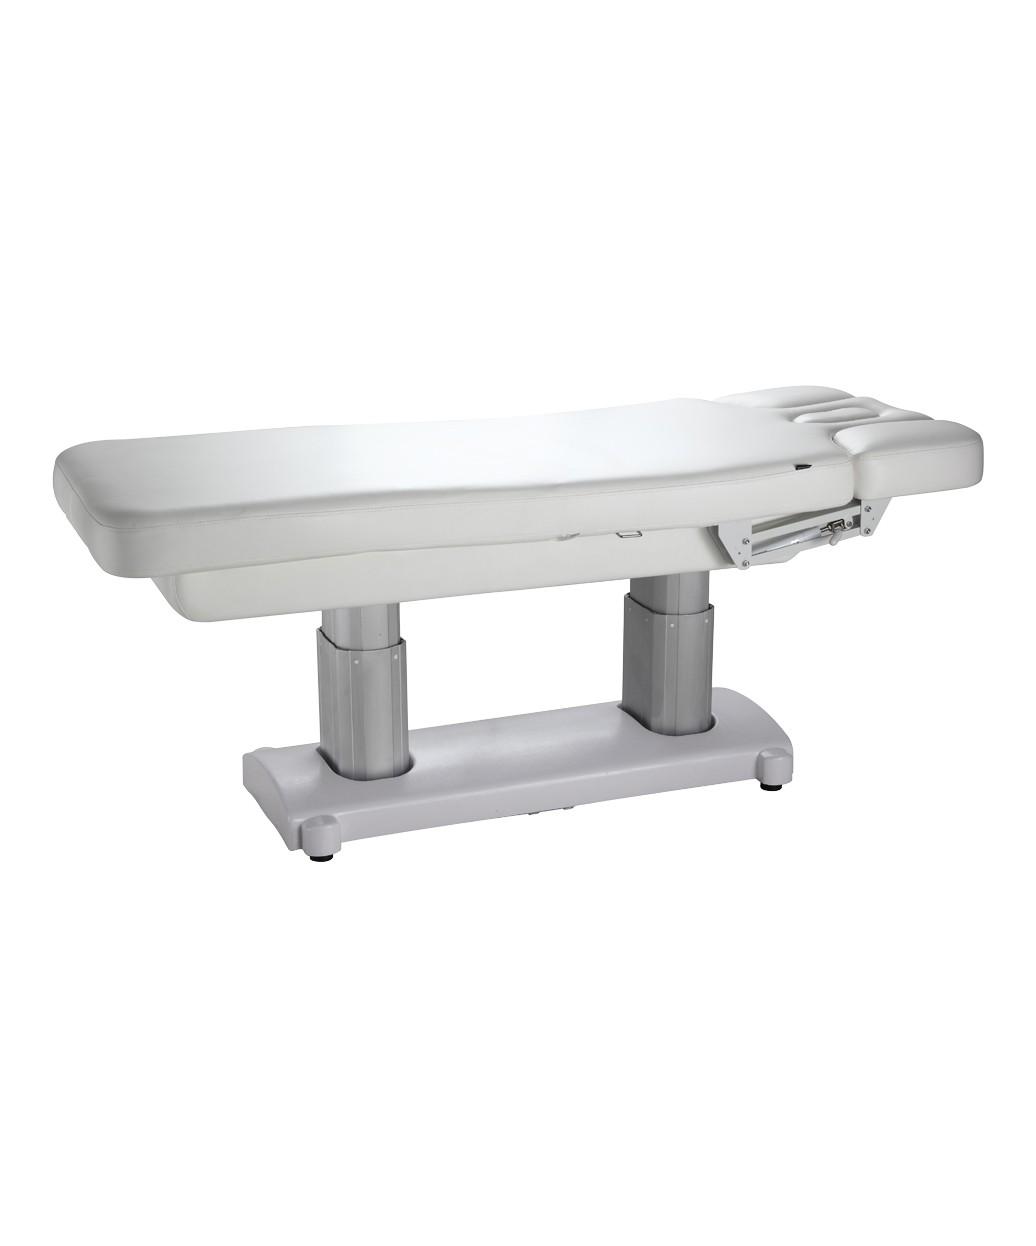 Ocili 2249 Electric Multi Purpose Facial & Massage Bed